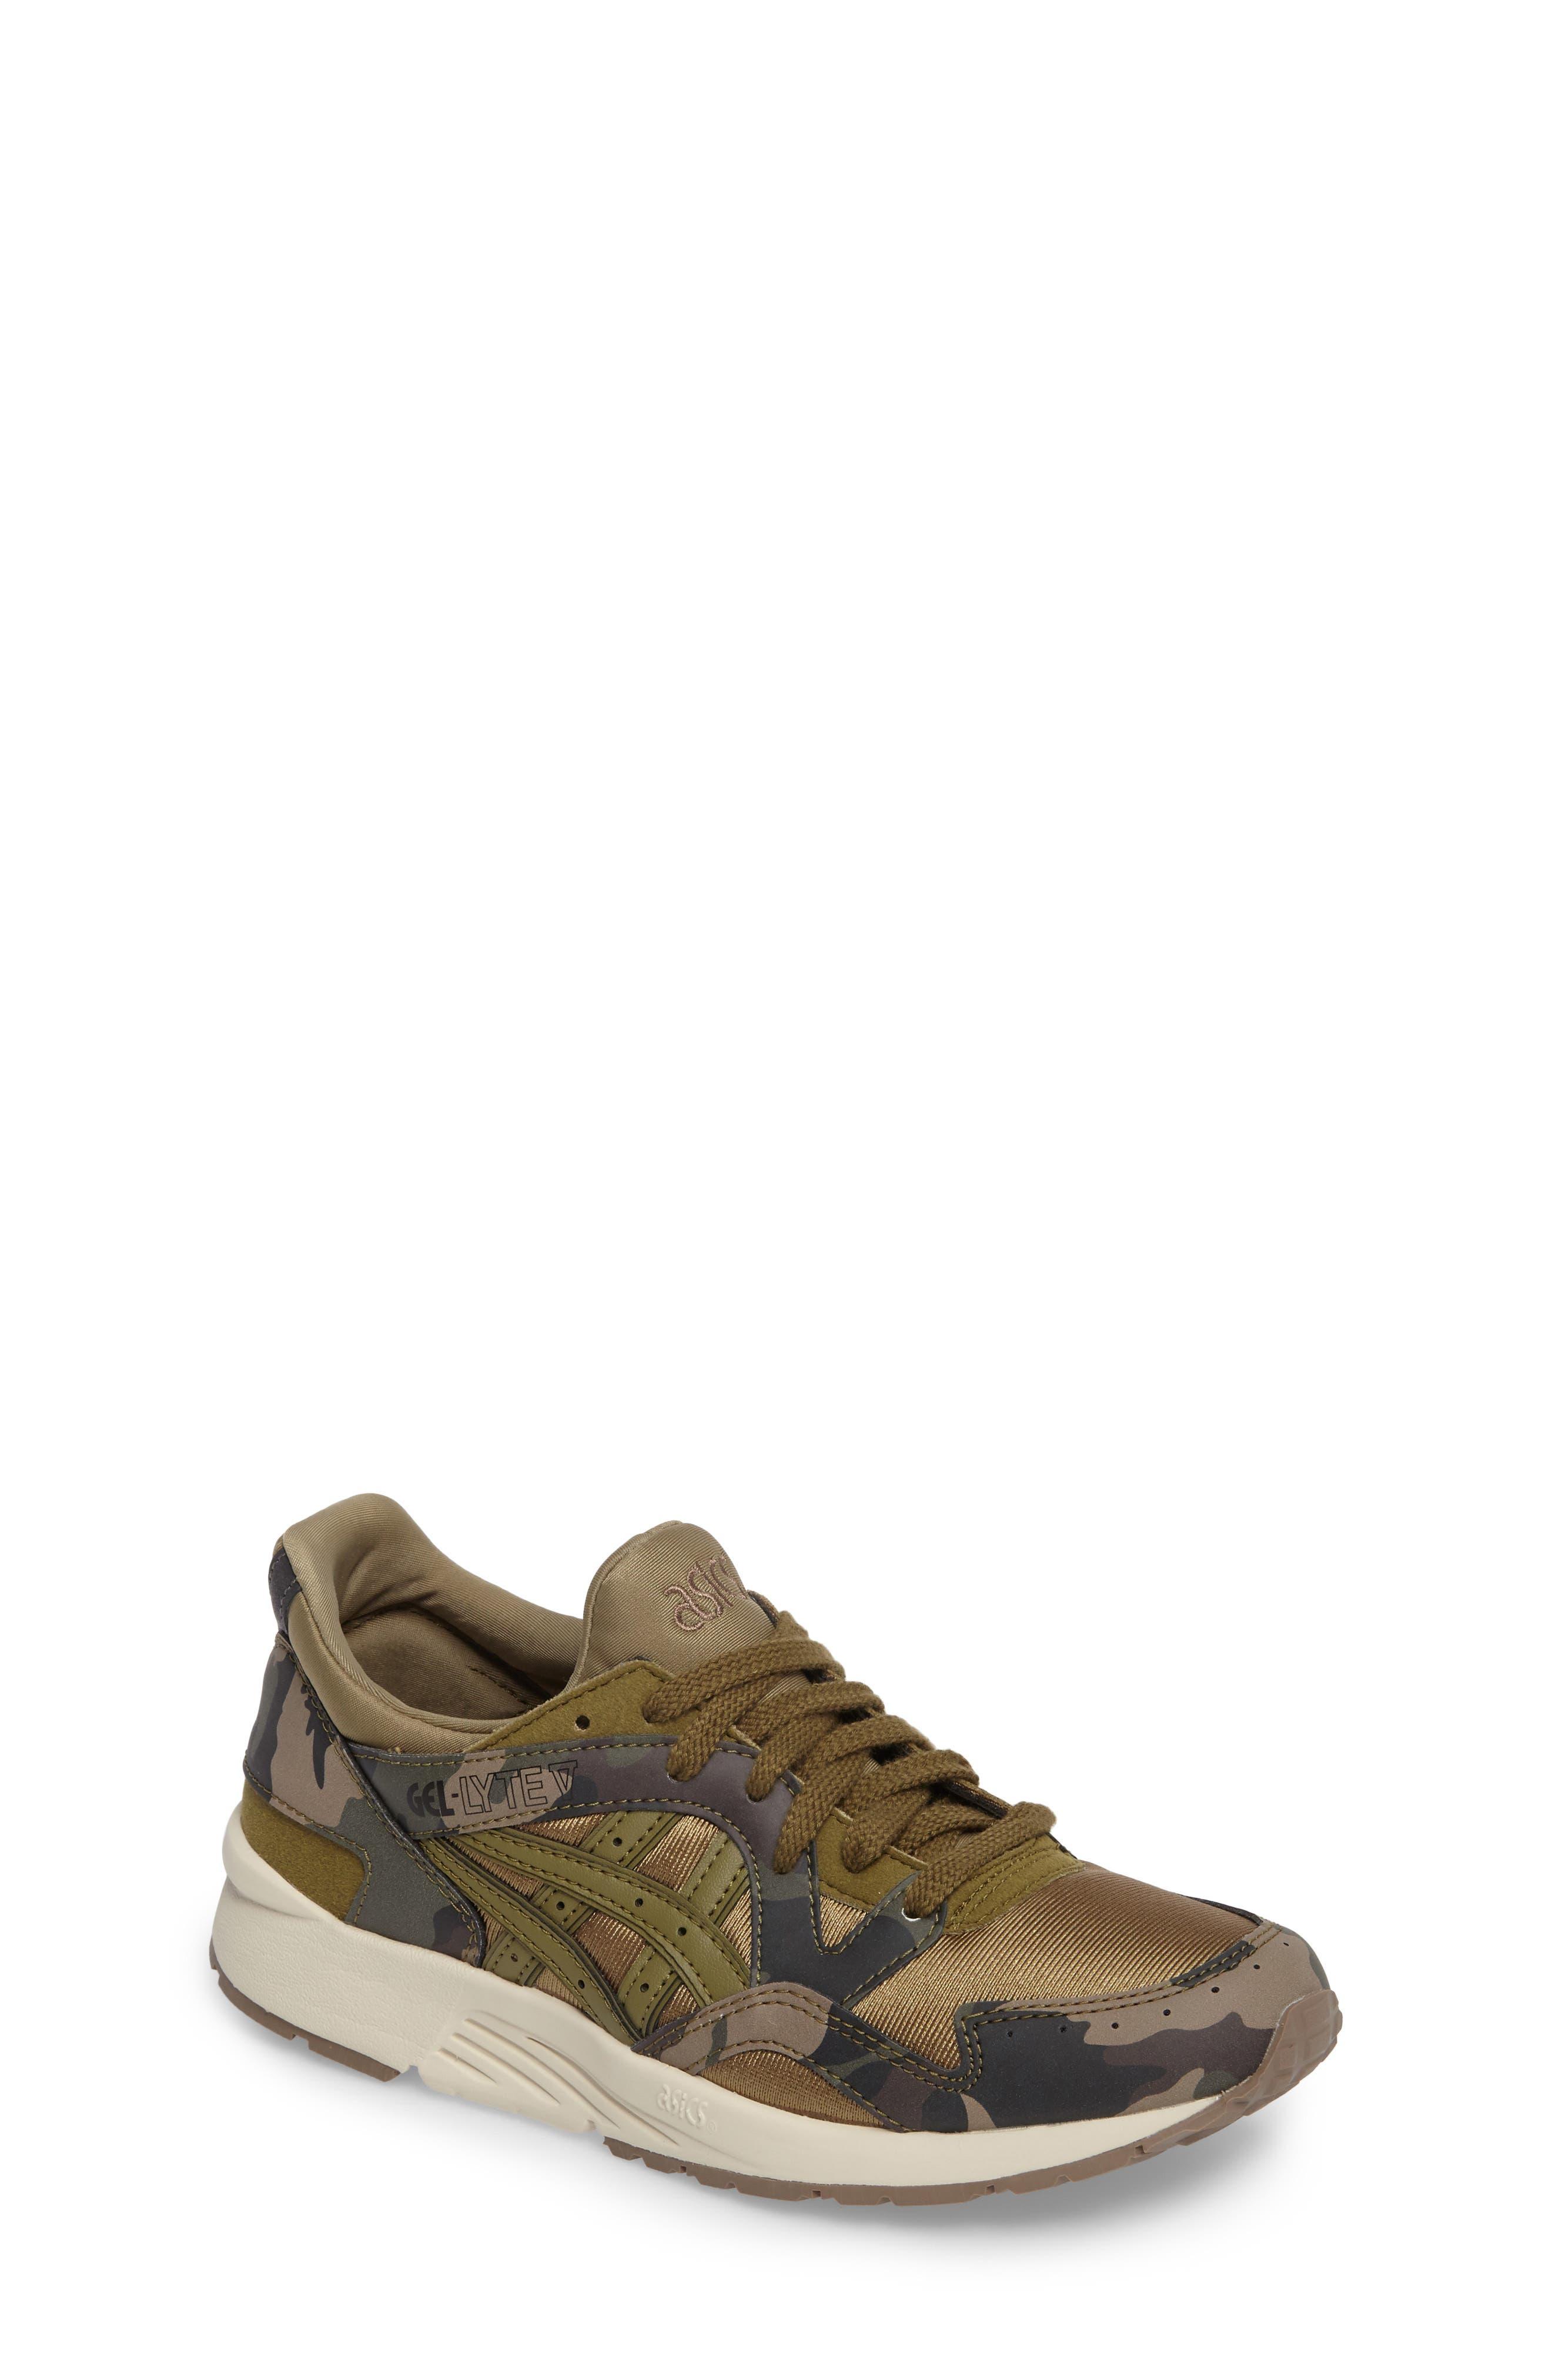 Alternate Image 1 Selected - ASICS® GEL-LYTE® V GS Sneaker (Big Kid)